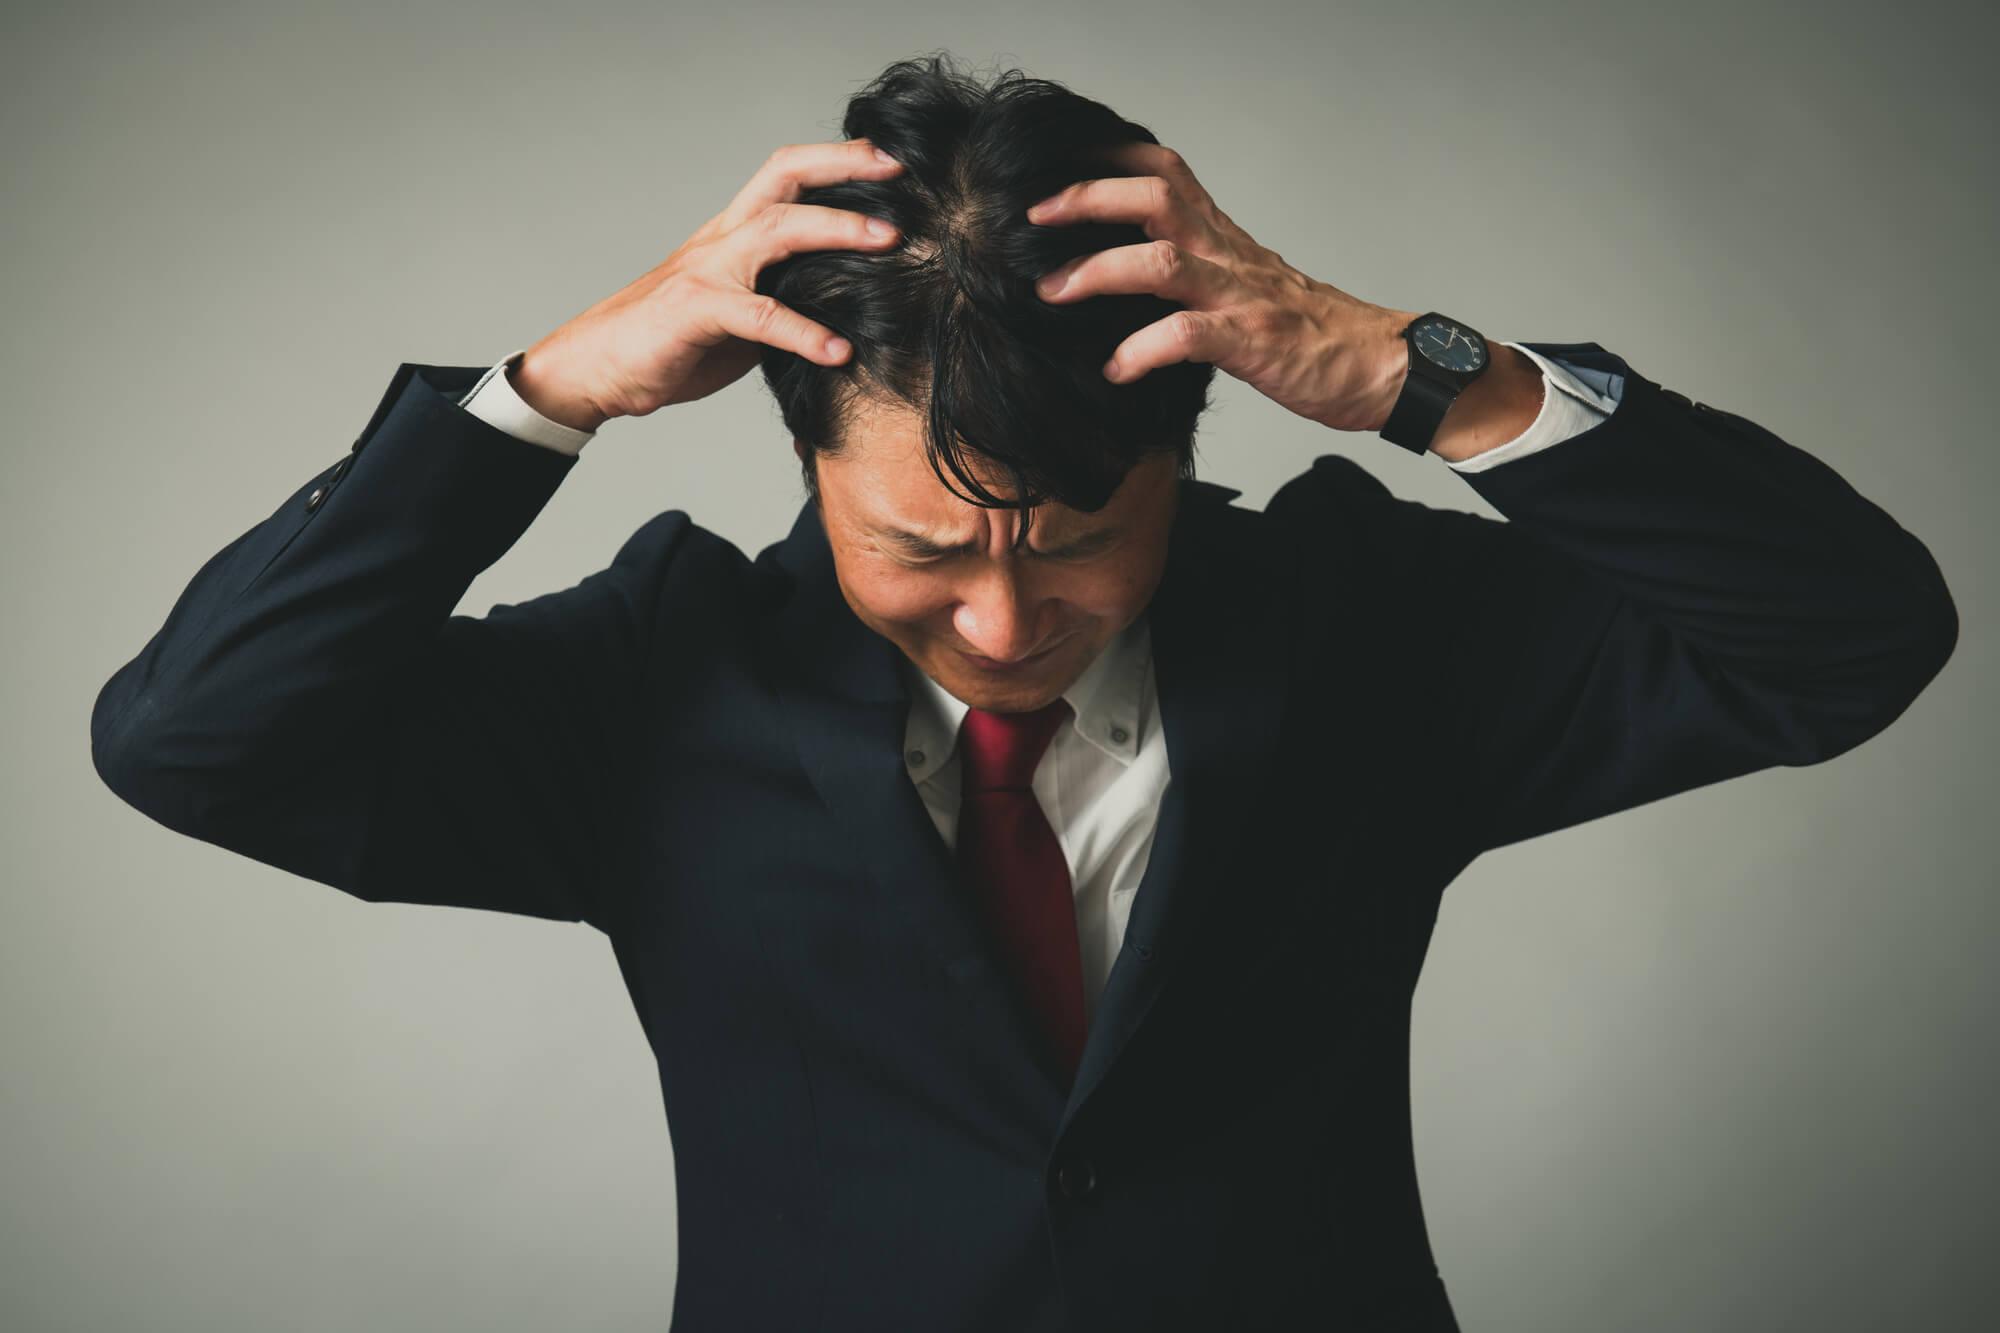 マンション経営に失敗する人の共通点とは?ーー素人大家の3つの失敗事例を解説!